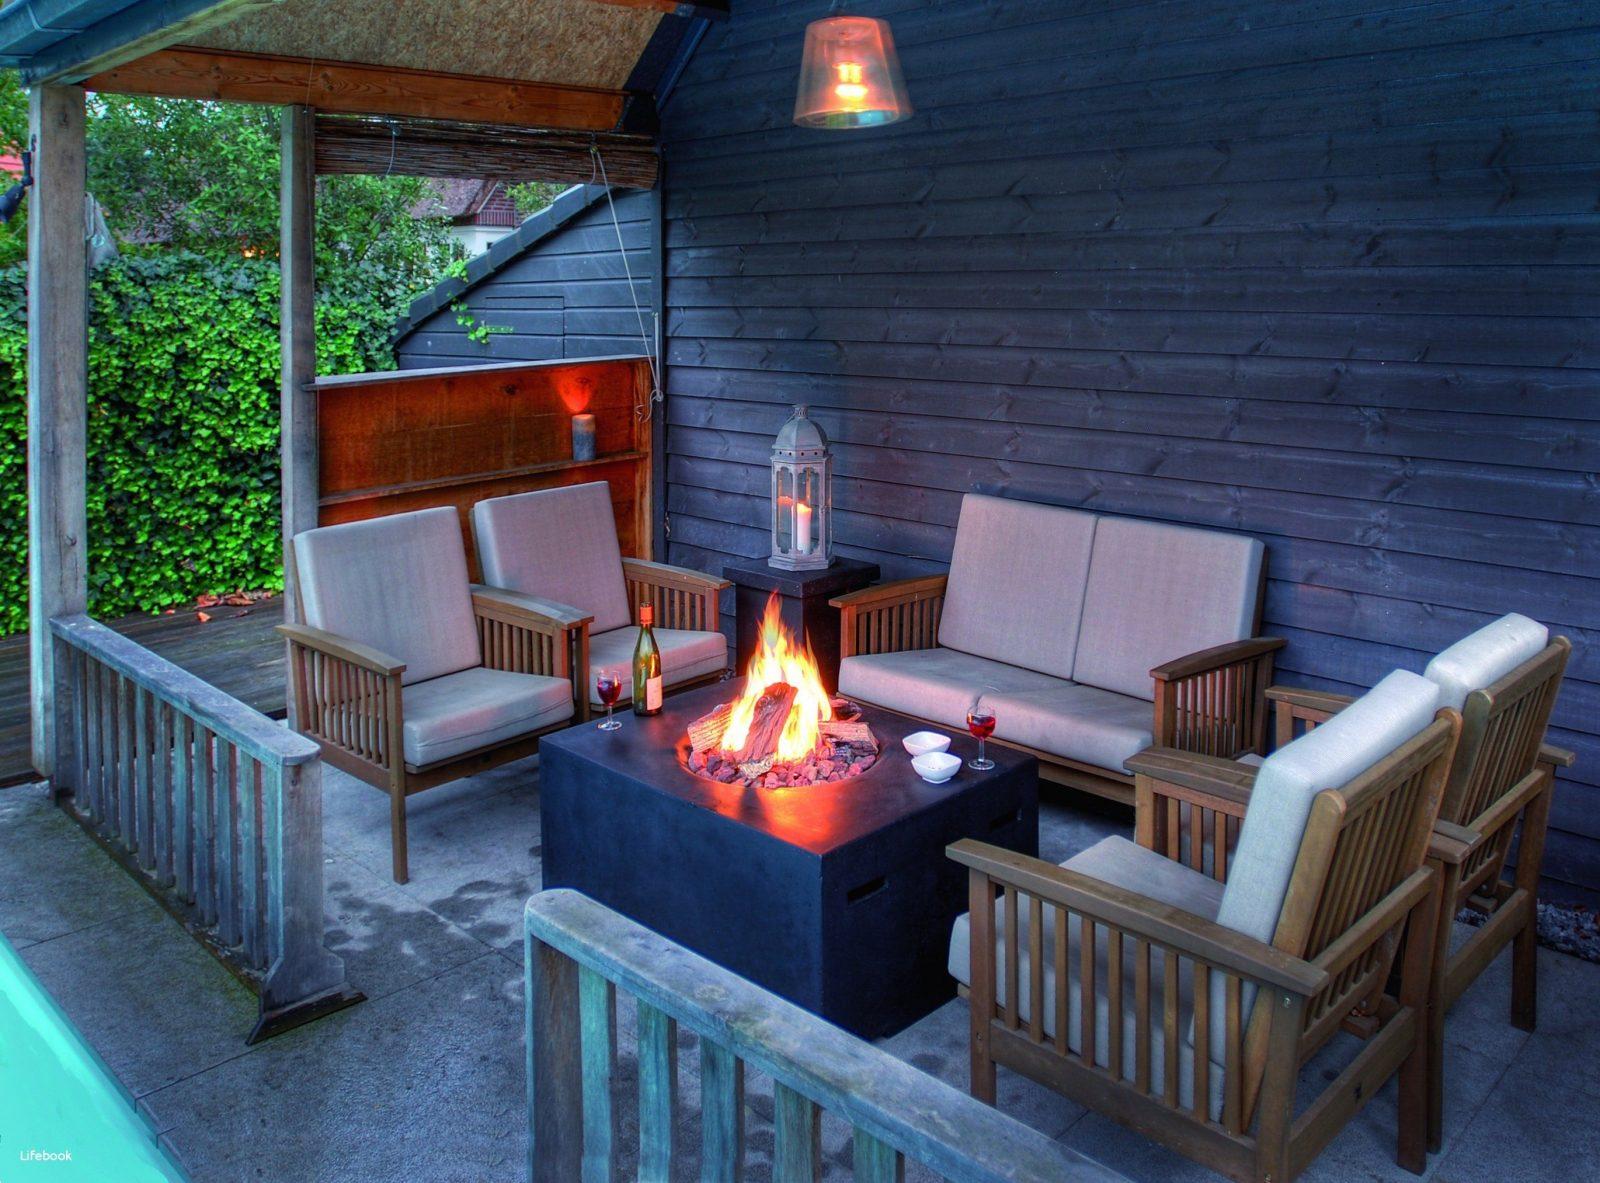 Offene Feuerstelle Im Garten Erlaubt